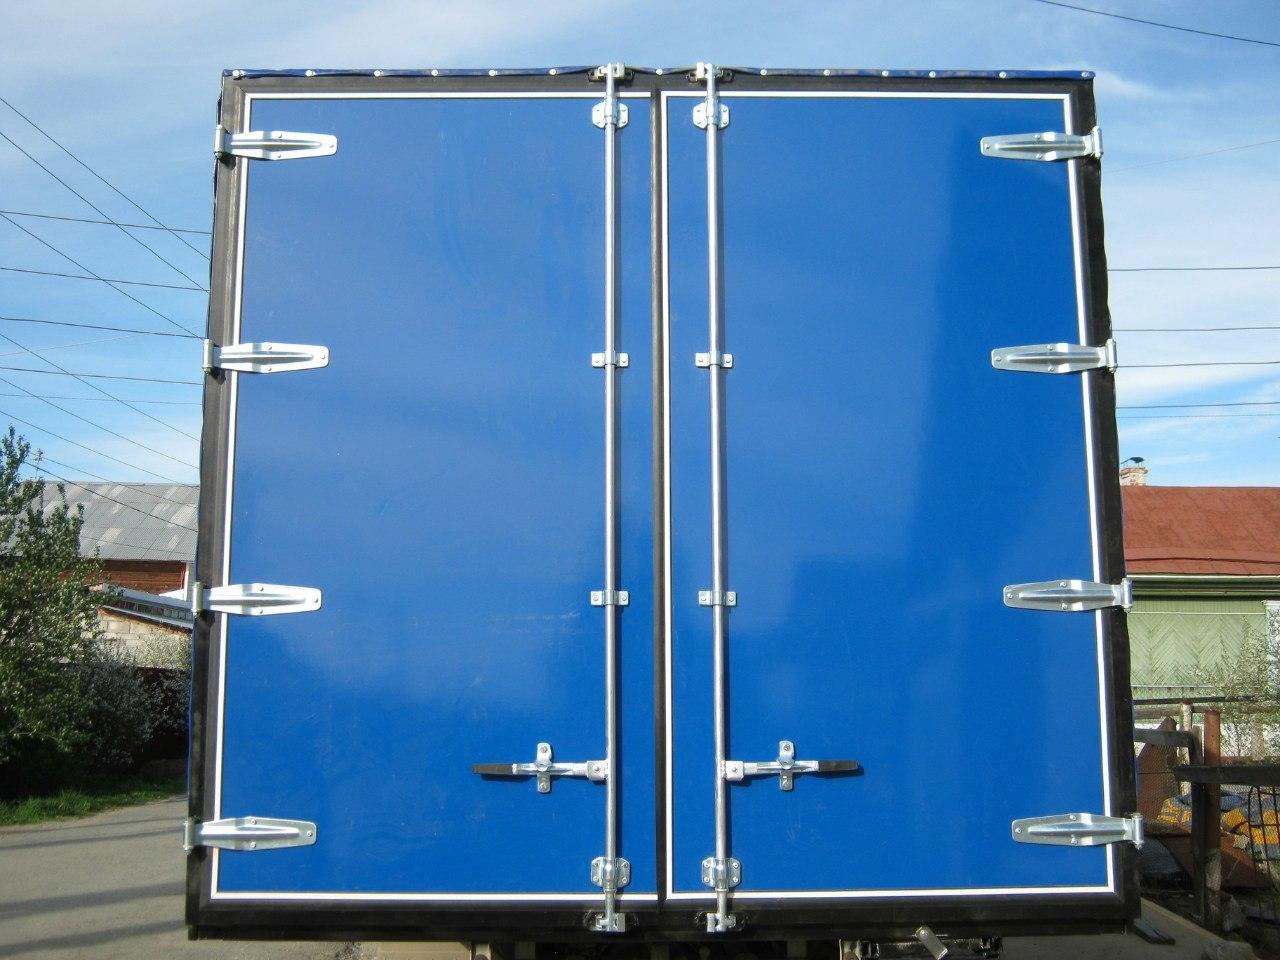 фурнитура для ворот и бортов грузовых автомобилей